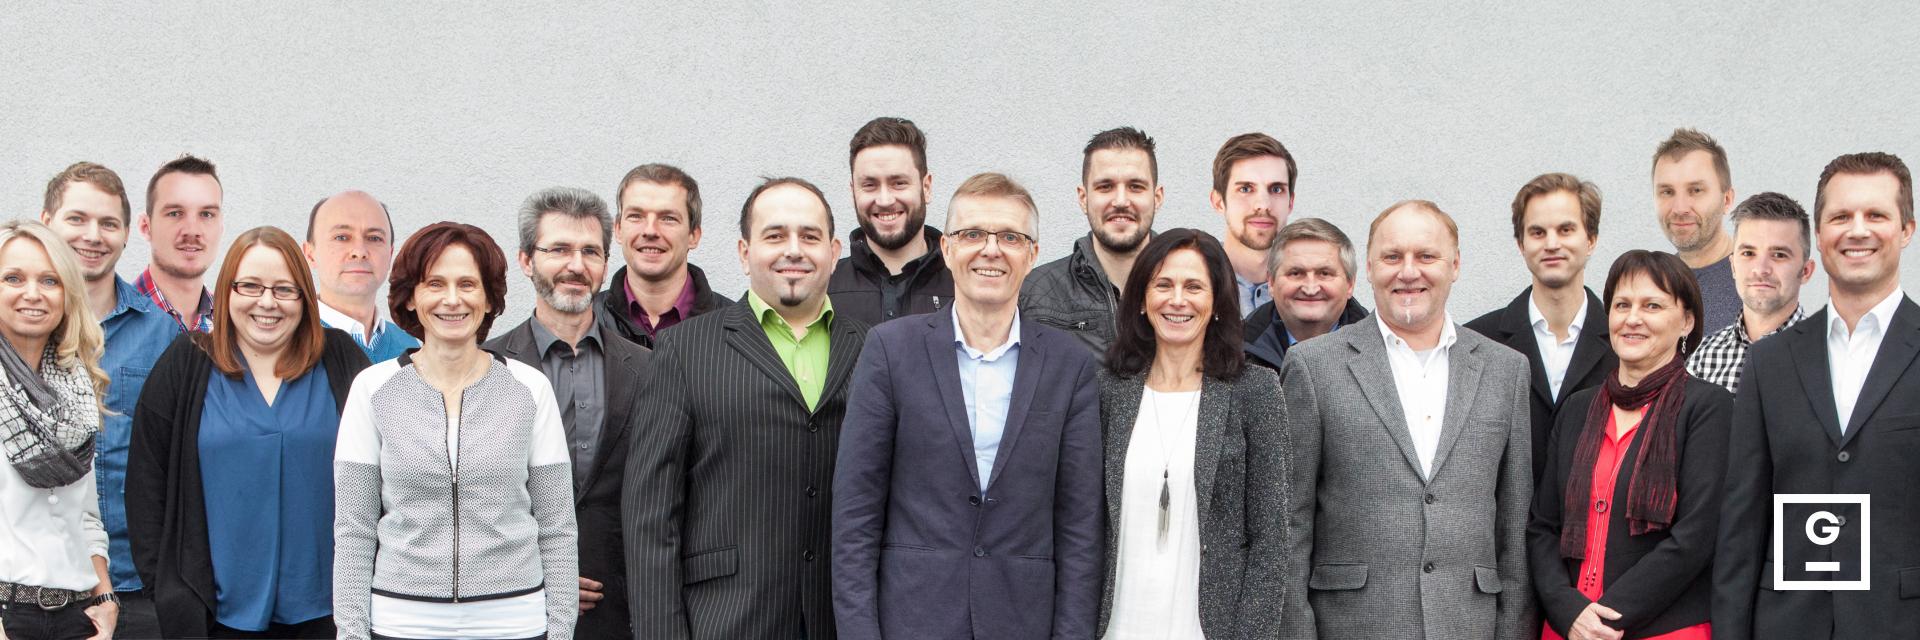 Glatz Technik Team